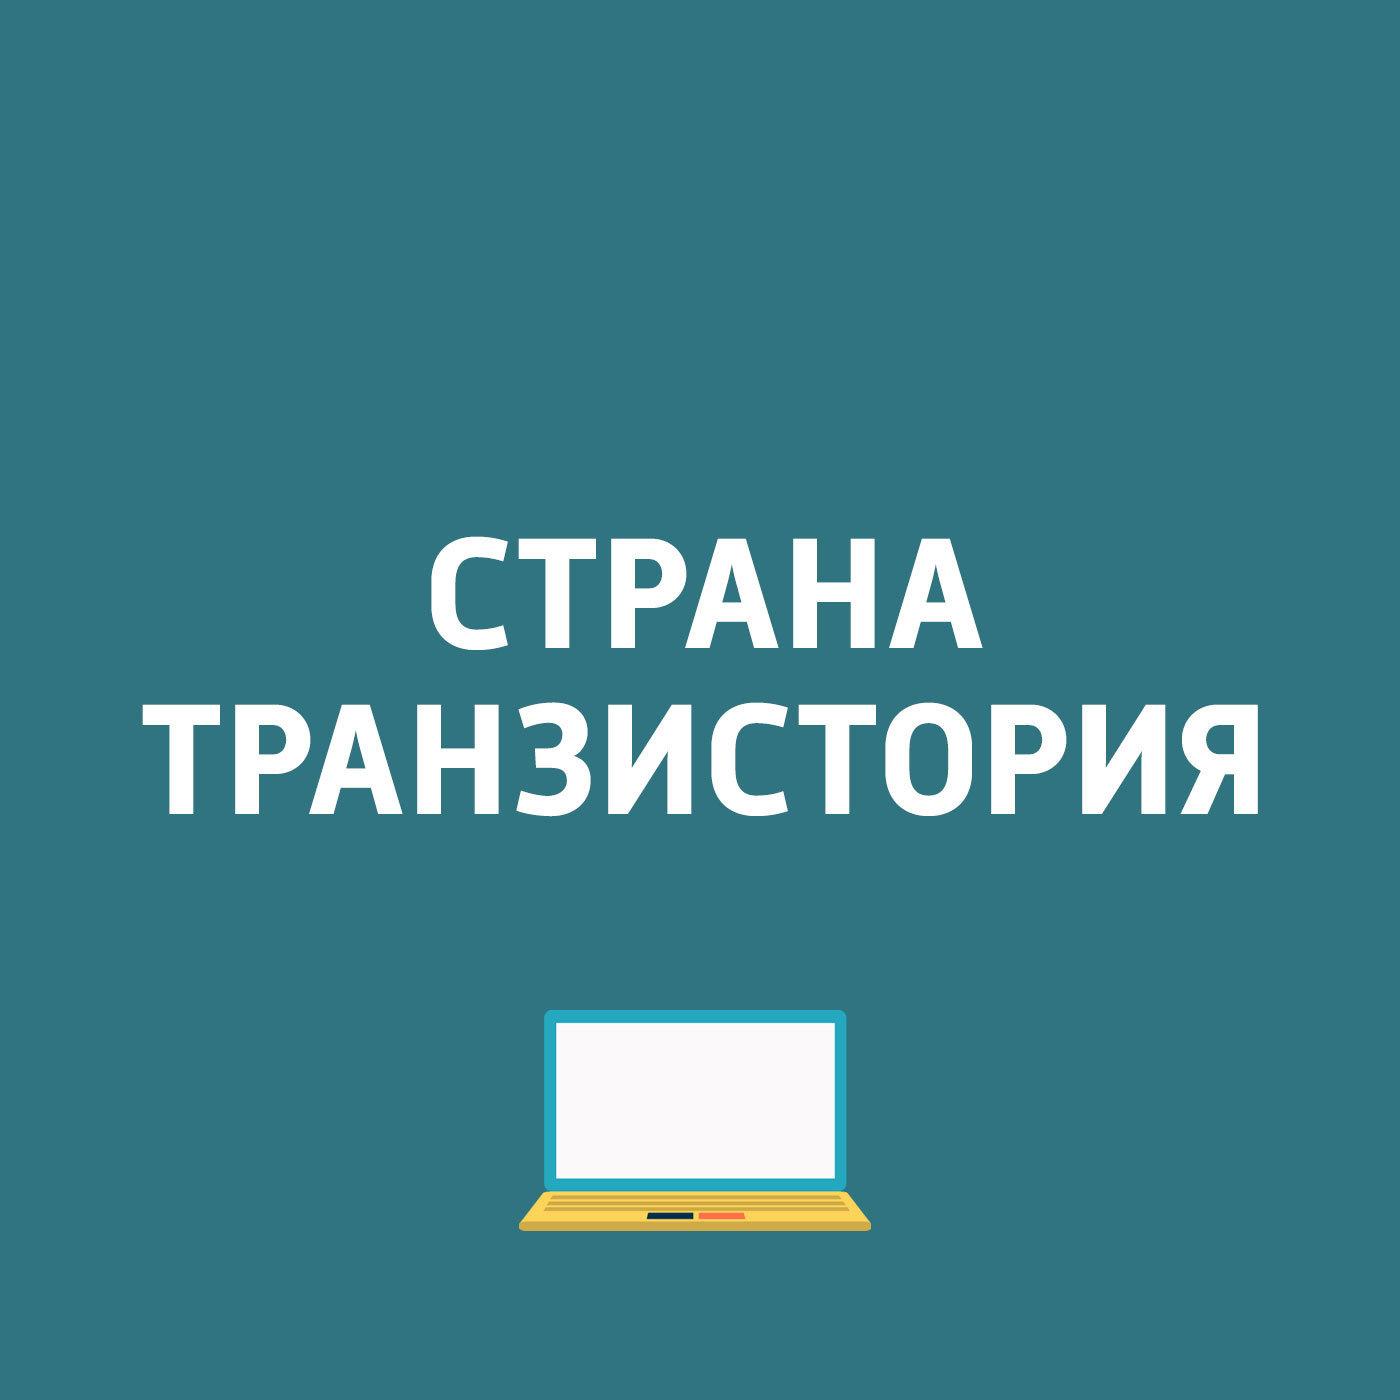 Картаев Павел LG G Flex 3; Mi Drone; Лицо искусственного интеллекта; The Witcher 3: Blood and Wine...